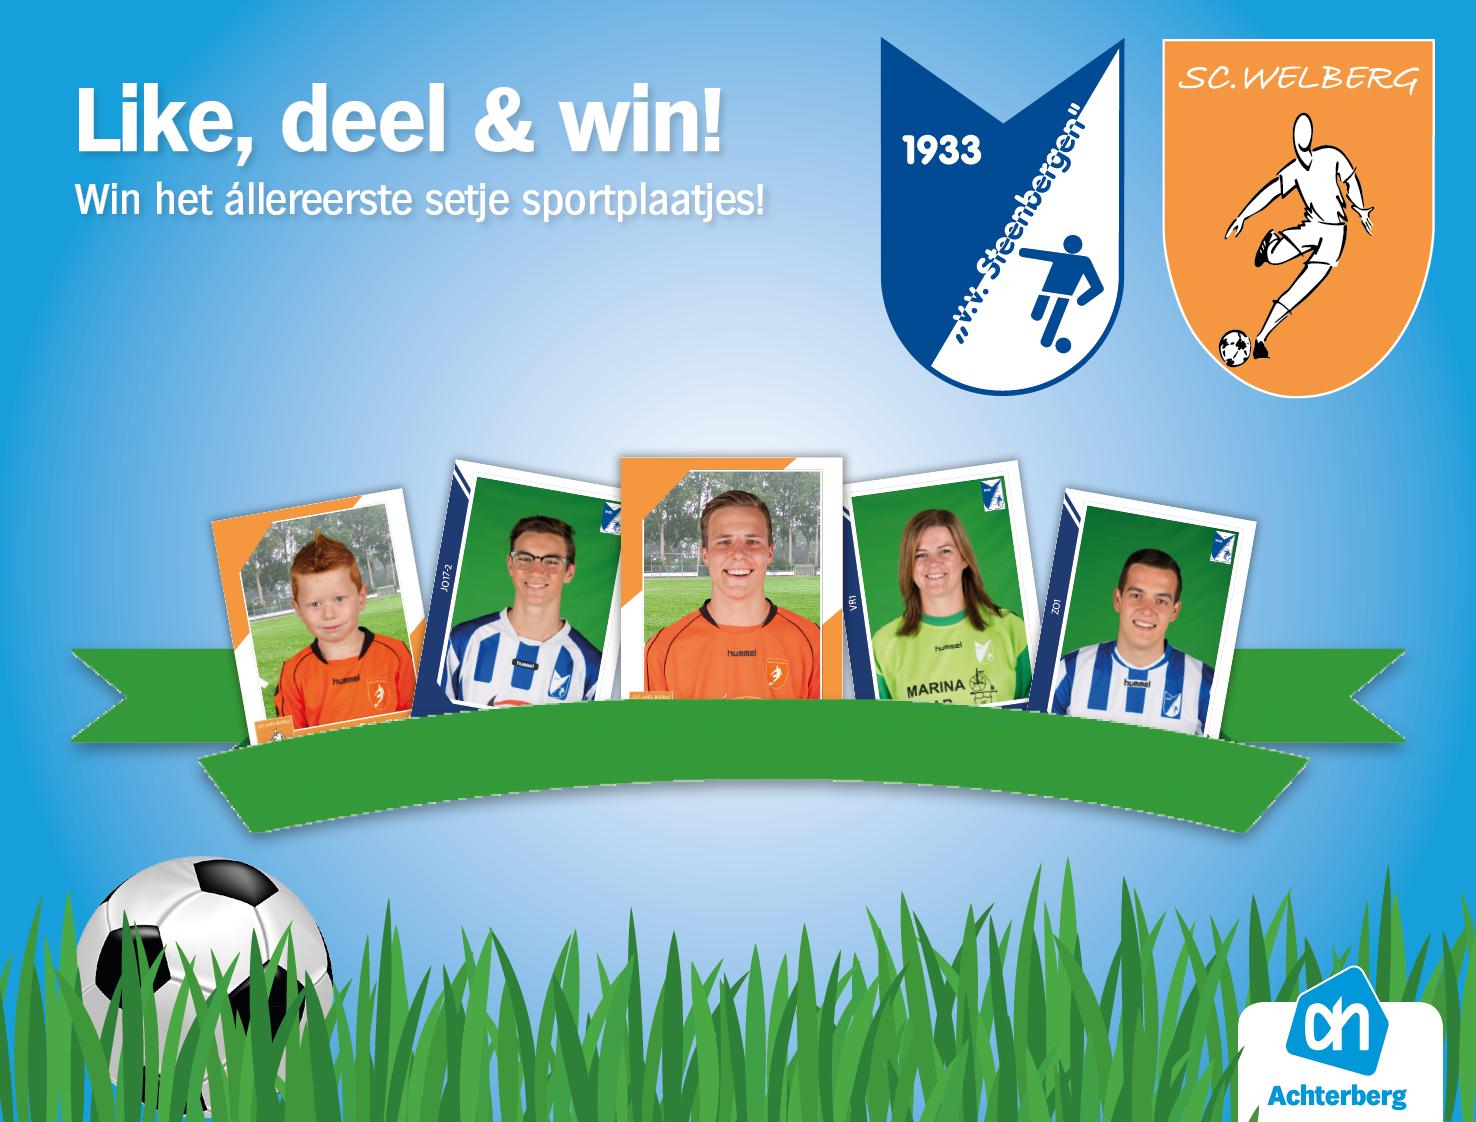 Win op onze Facebookpagina het allereerste setje sportplaatjes!